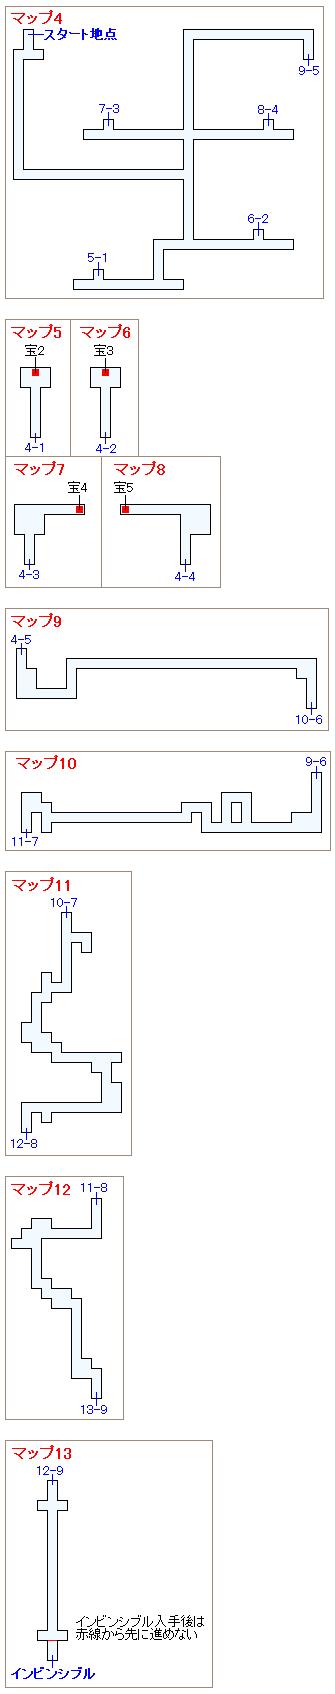 ストーリー攻略マップ・古代遺跡(2)